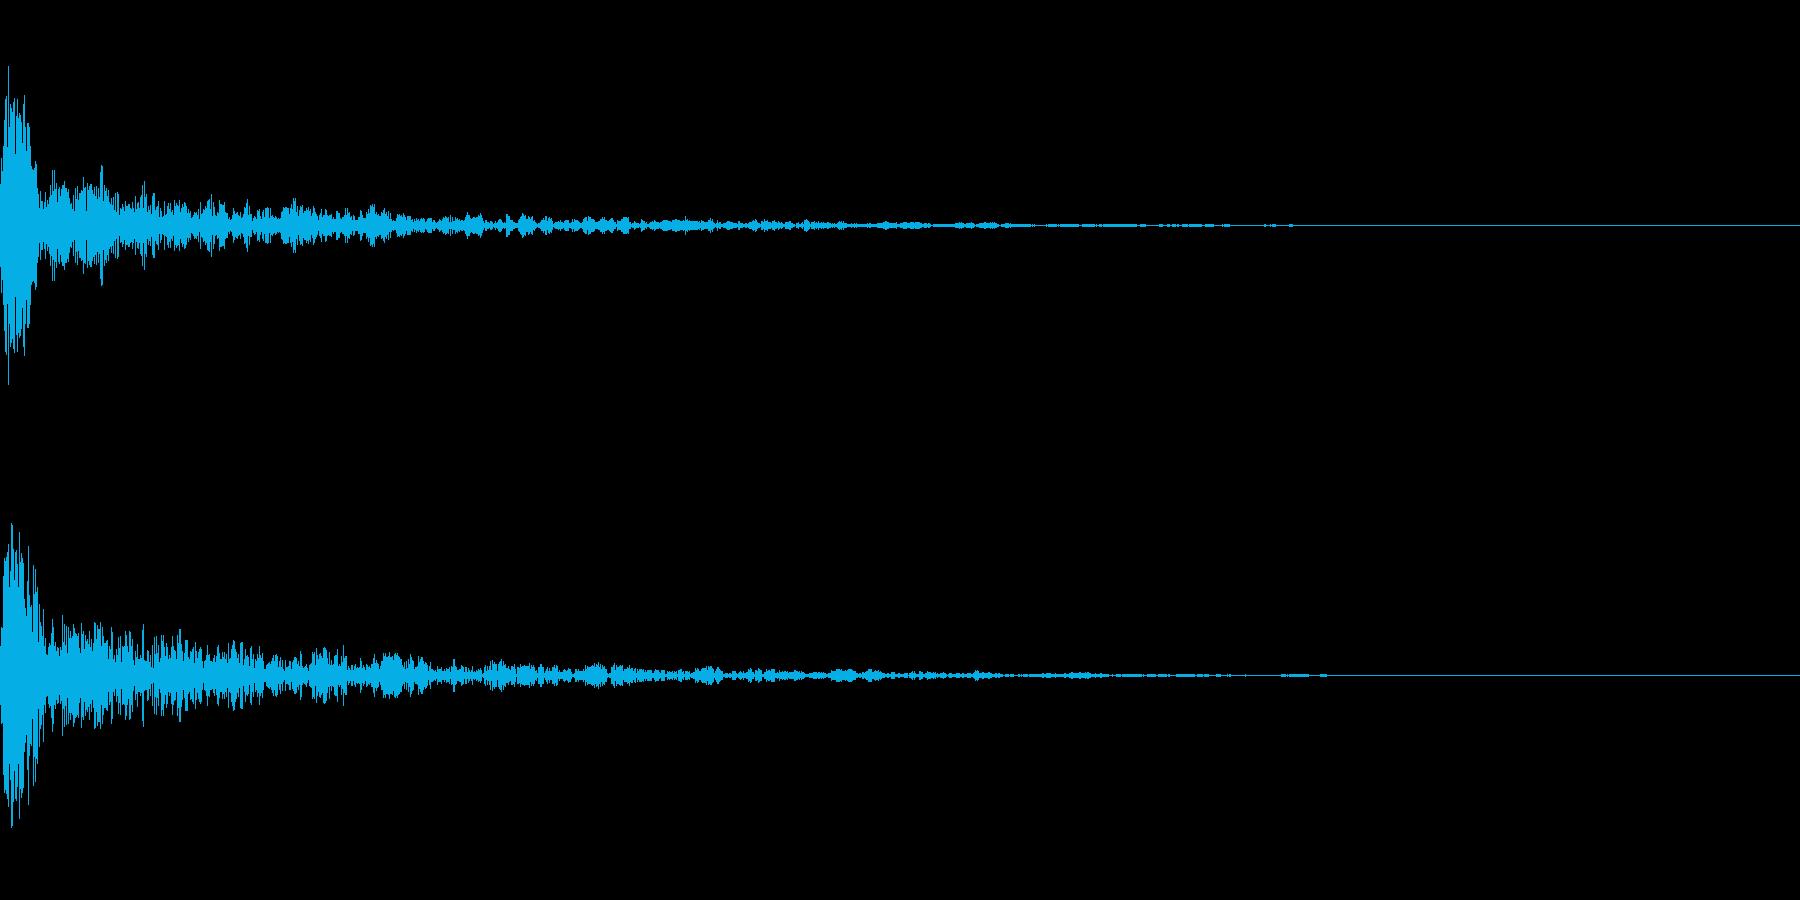 ドーン-18-1(インパクト音)の再生済みの波形